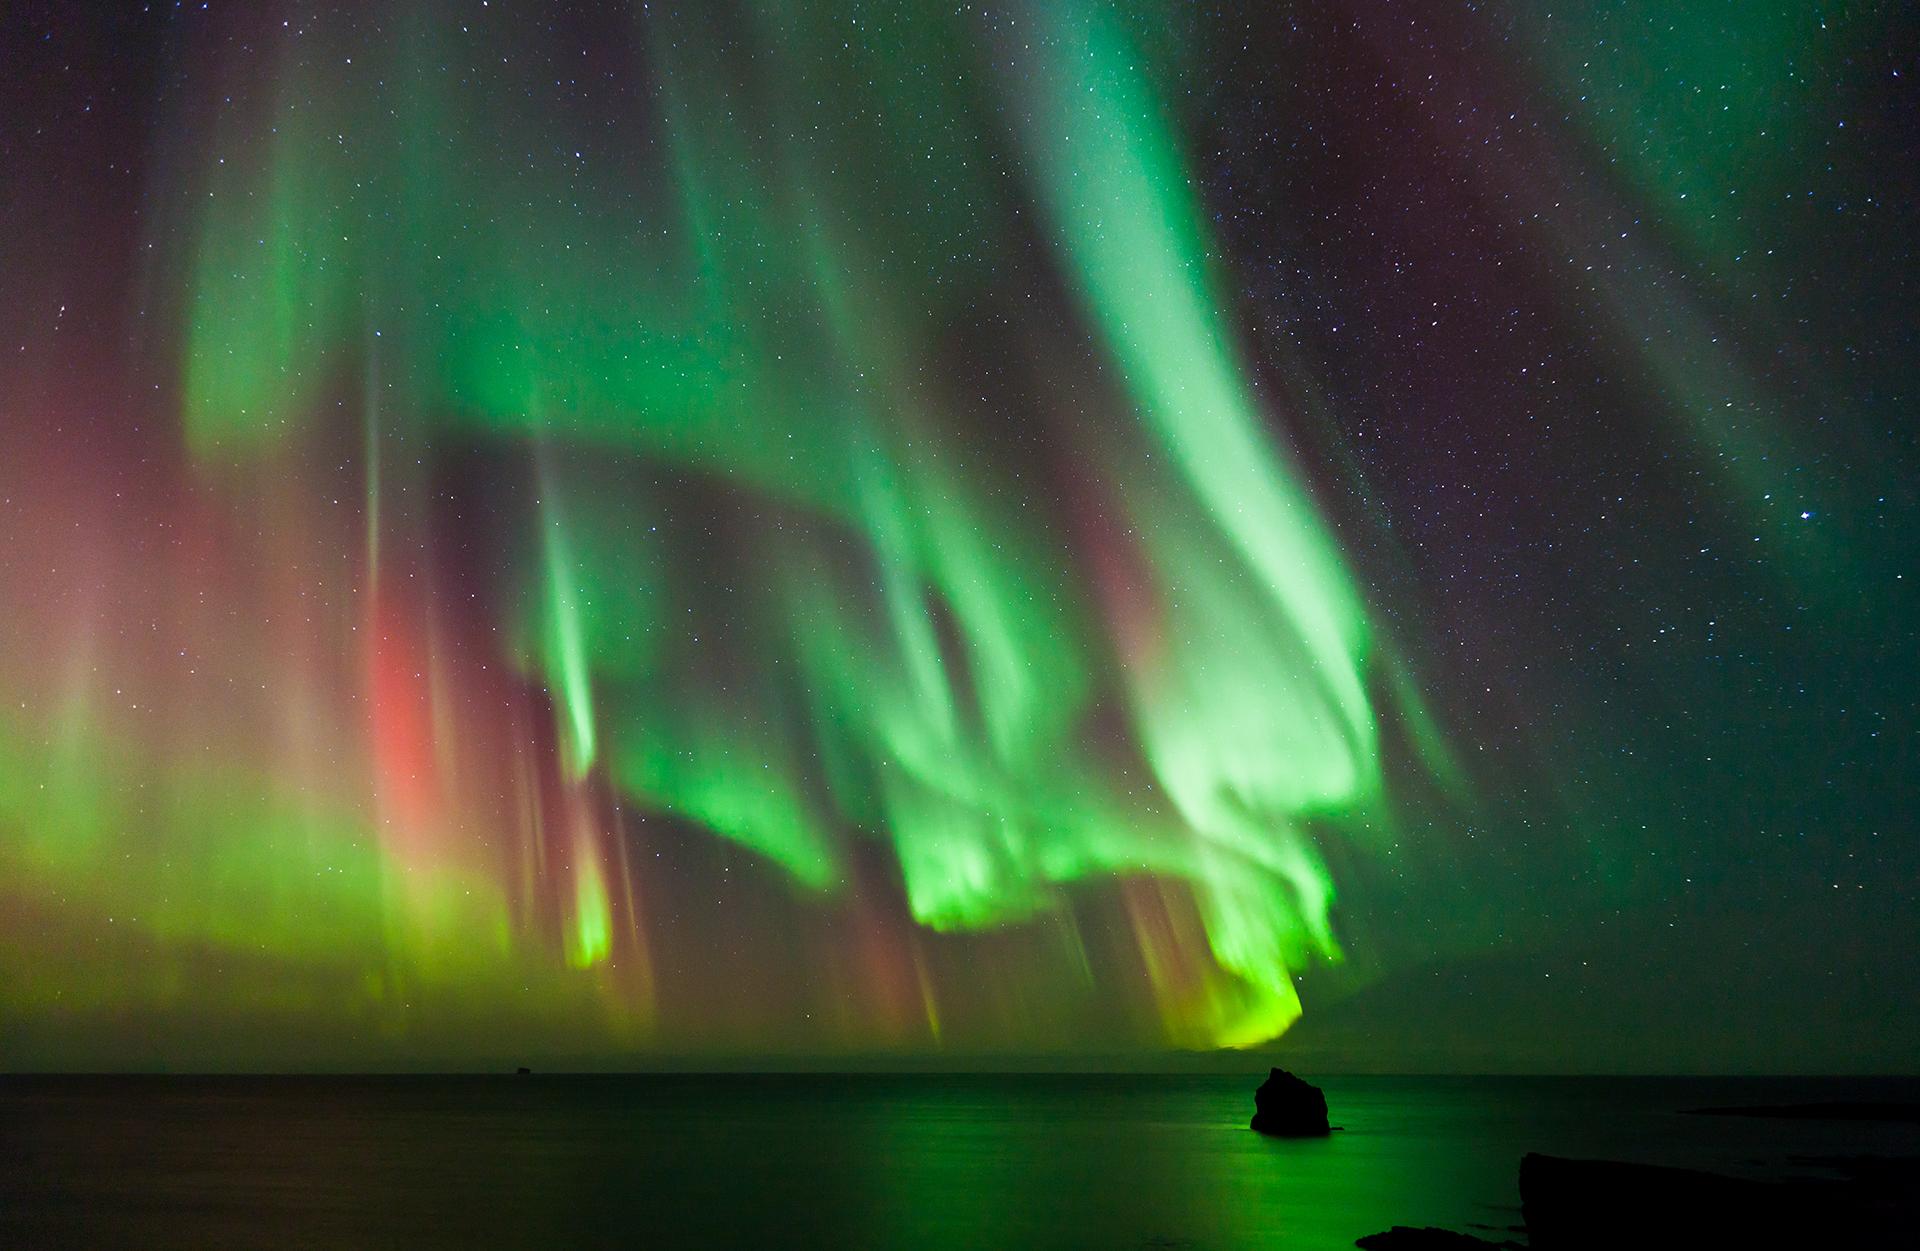 Entre paisajes cubiertos de nieve y largas nochescon el cielo como protagonista, el expreso parte de Moscú y viaja hacia el norte de Rusia, más allá del Círculo Polar Ártico, para ver este fenómeno único en el mundo (Getty Images)